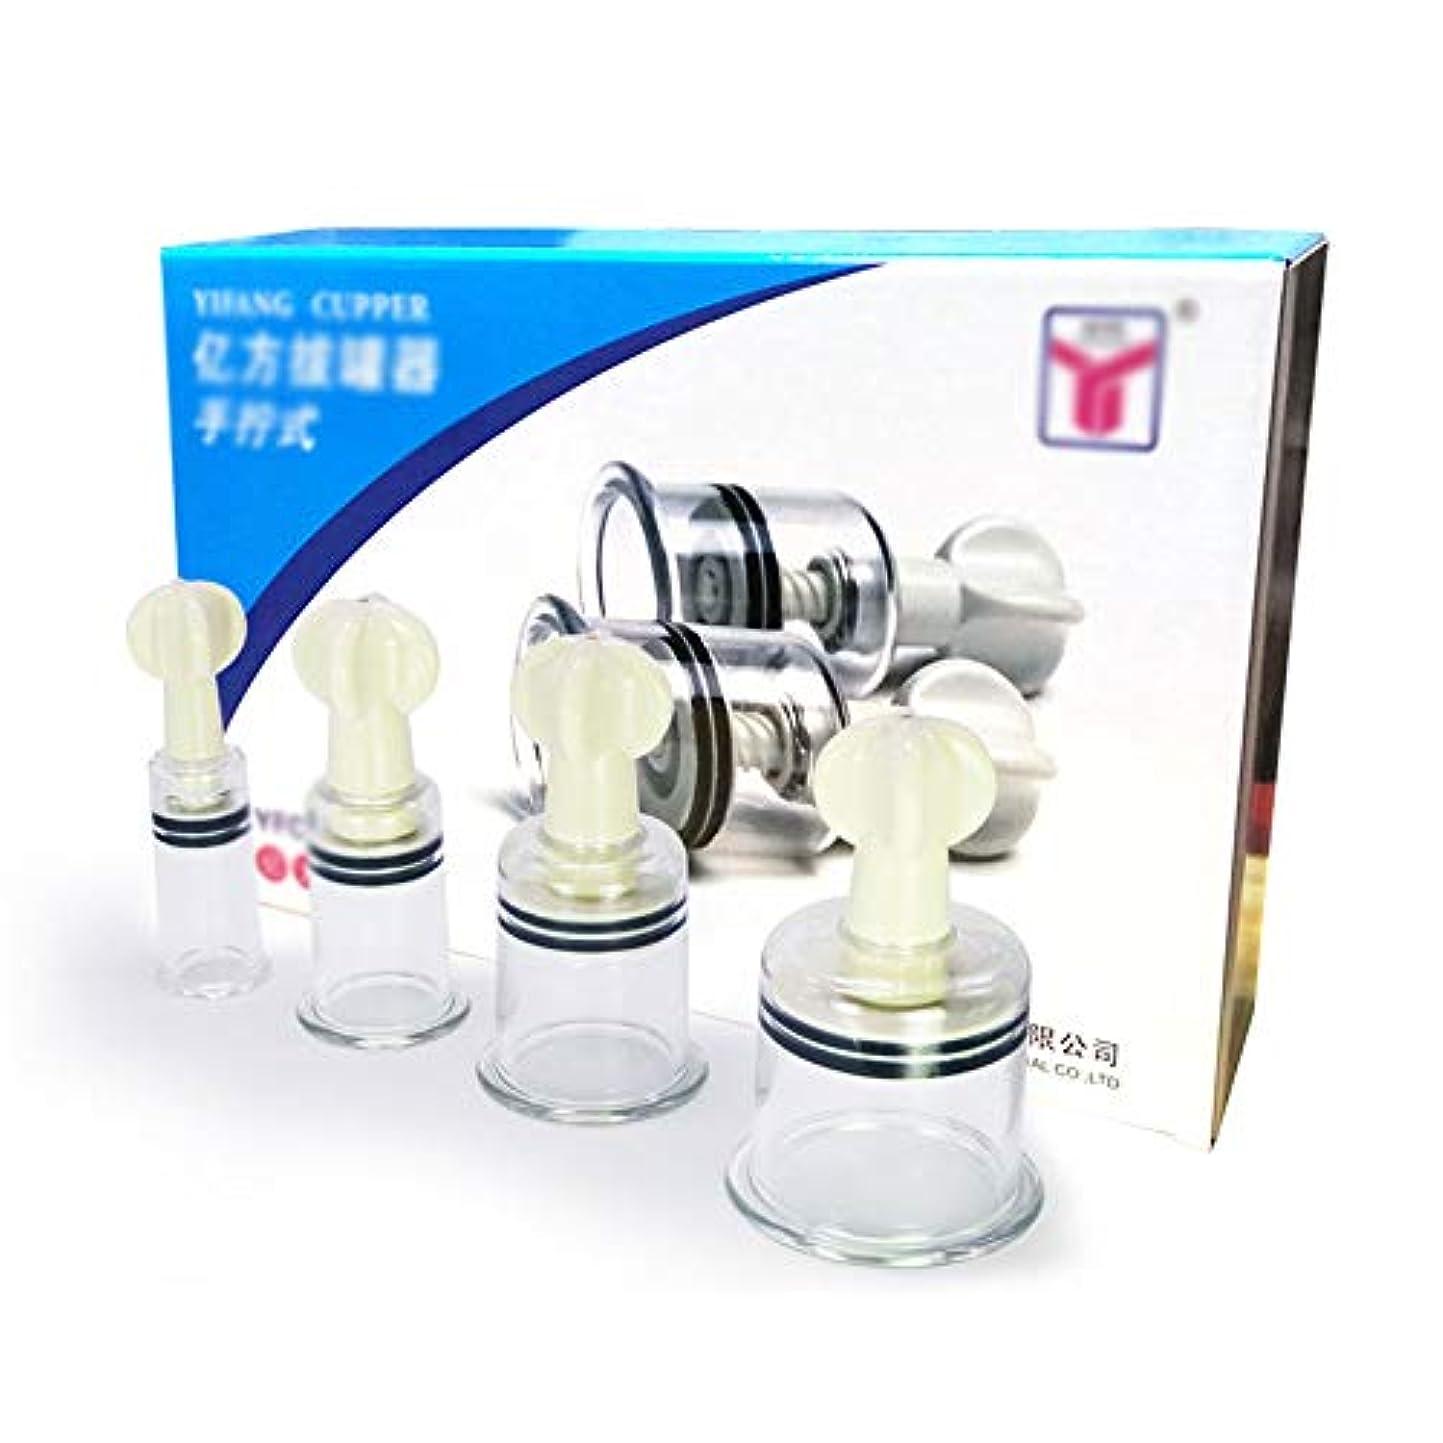 オリエンタル専門用語背の高いキャッピング装置 - マニュアルロータリープロップ治療装置4/12カップセット大人用非ポンピングガスシリンダー 美しさ (サイズ さいず : 4 cans)